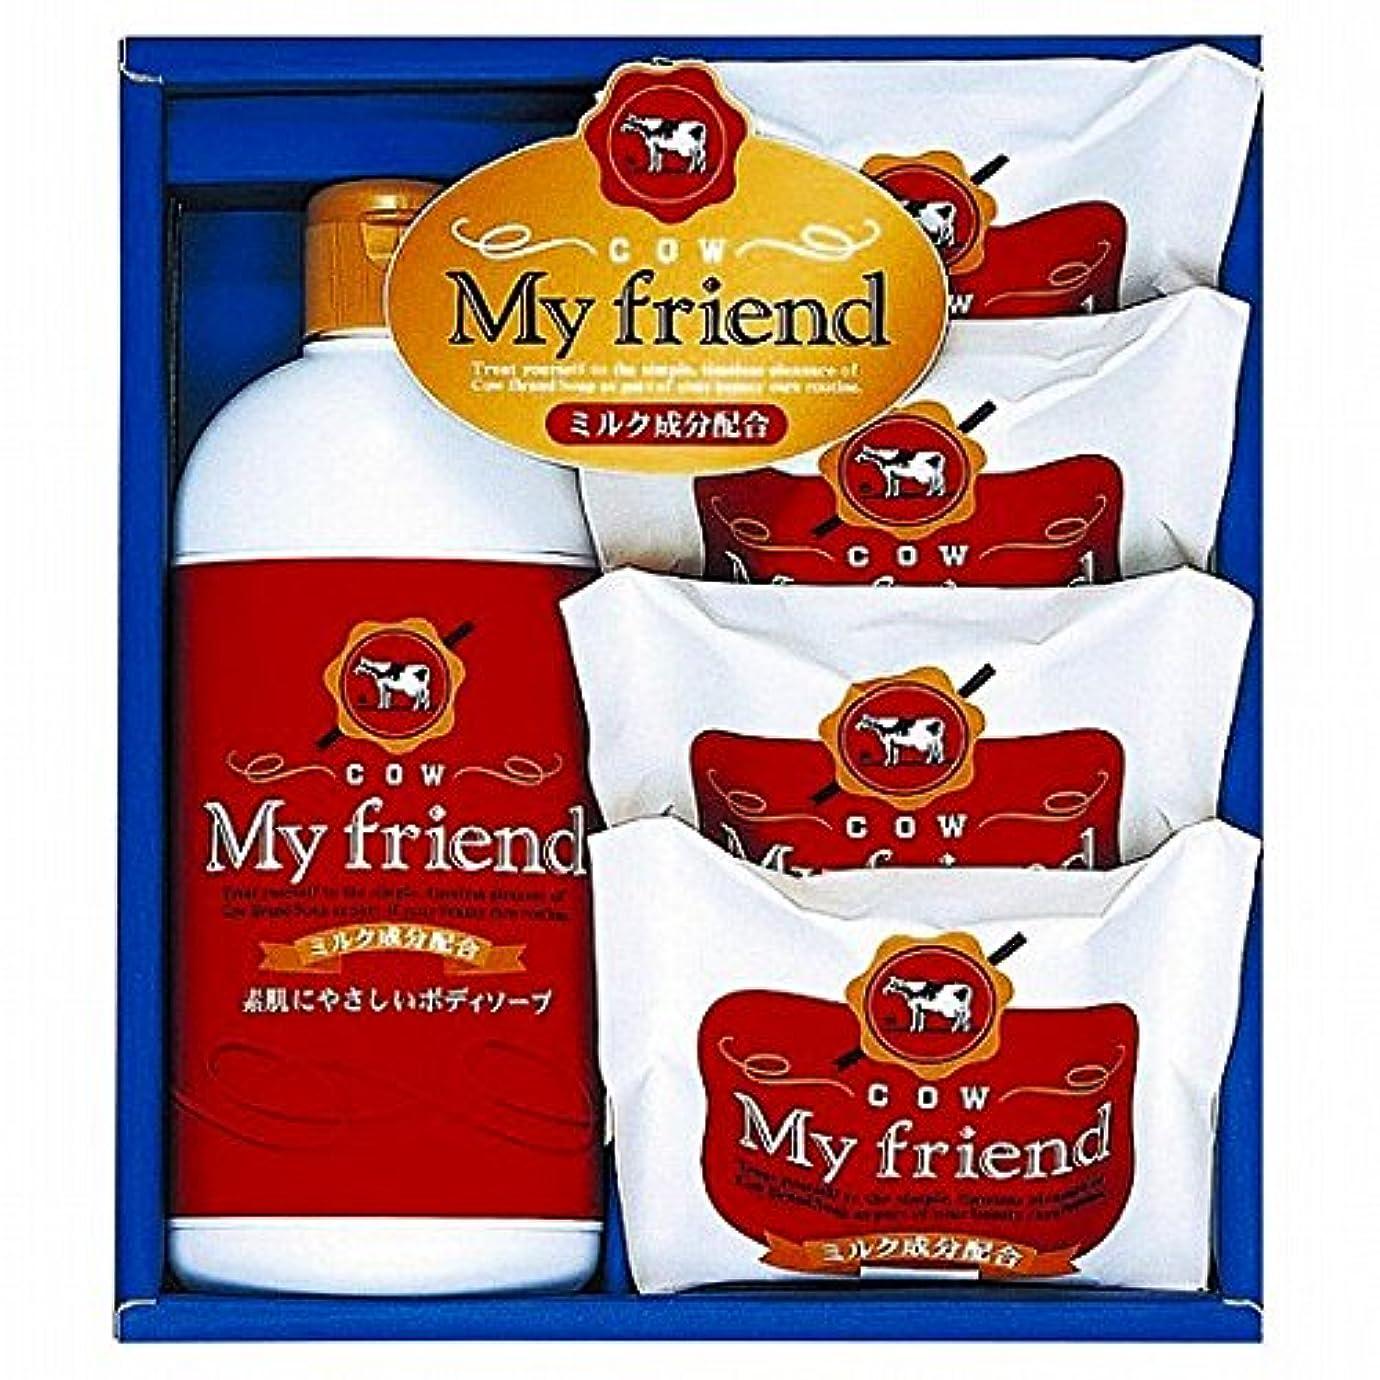 静脈どんよりした仮装nobrand 牛乳石鹸 マイフレンドボディソープセット (21940007)